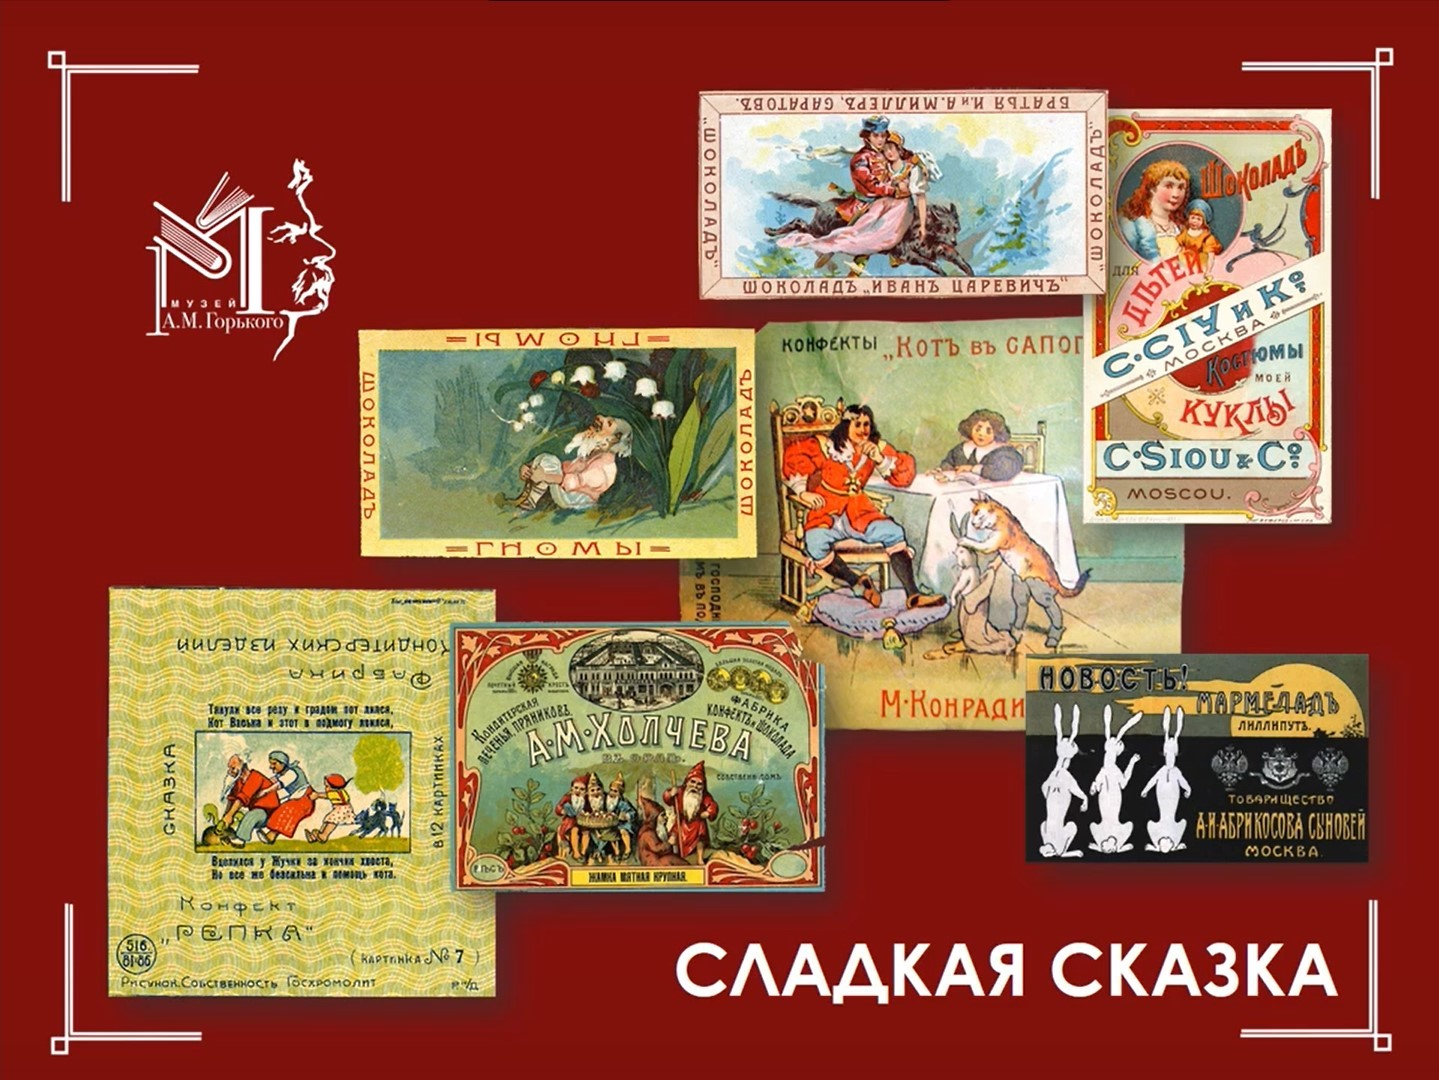 Нижегородский музей Горького опубликовал видеоролик о старинных сладостях